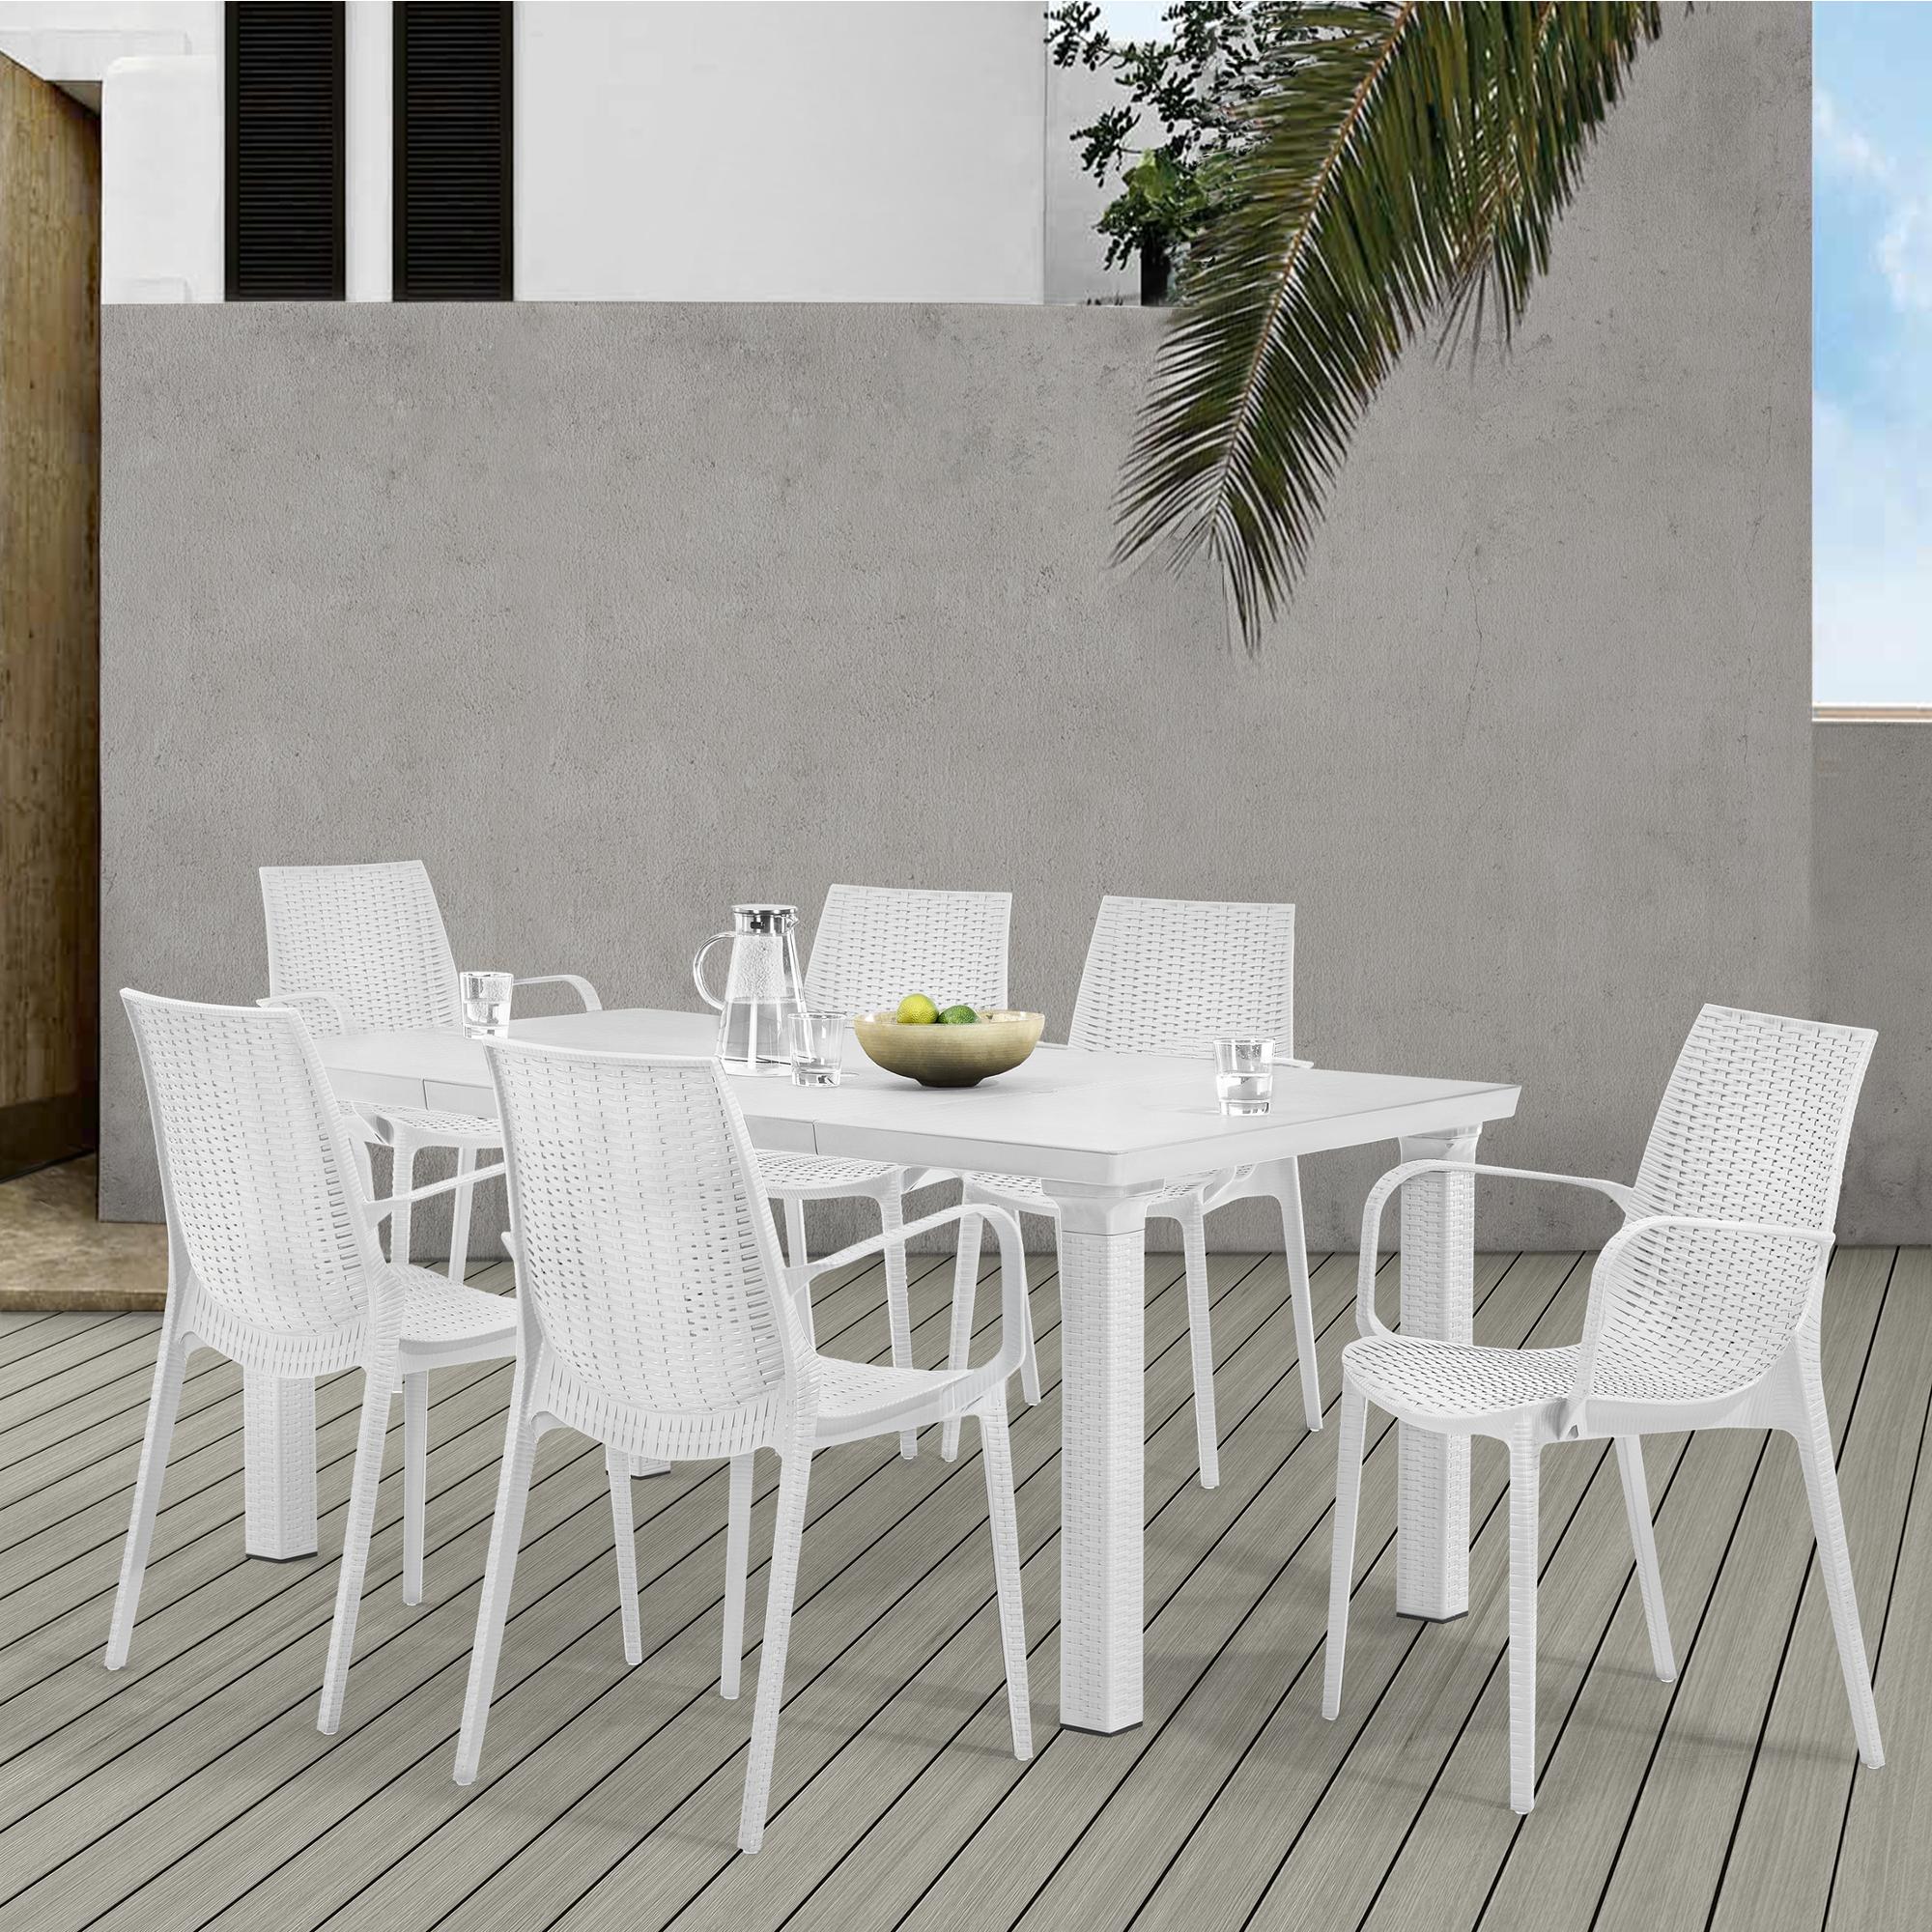 Esstisch Rattan Weiß ~ [casapro]® Sitzgruppe Gartenmöbel Weiß PolyRattan Optik Esstisch + 6 Stühle